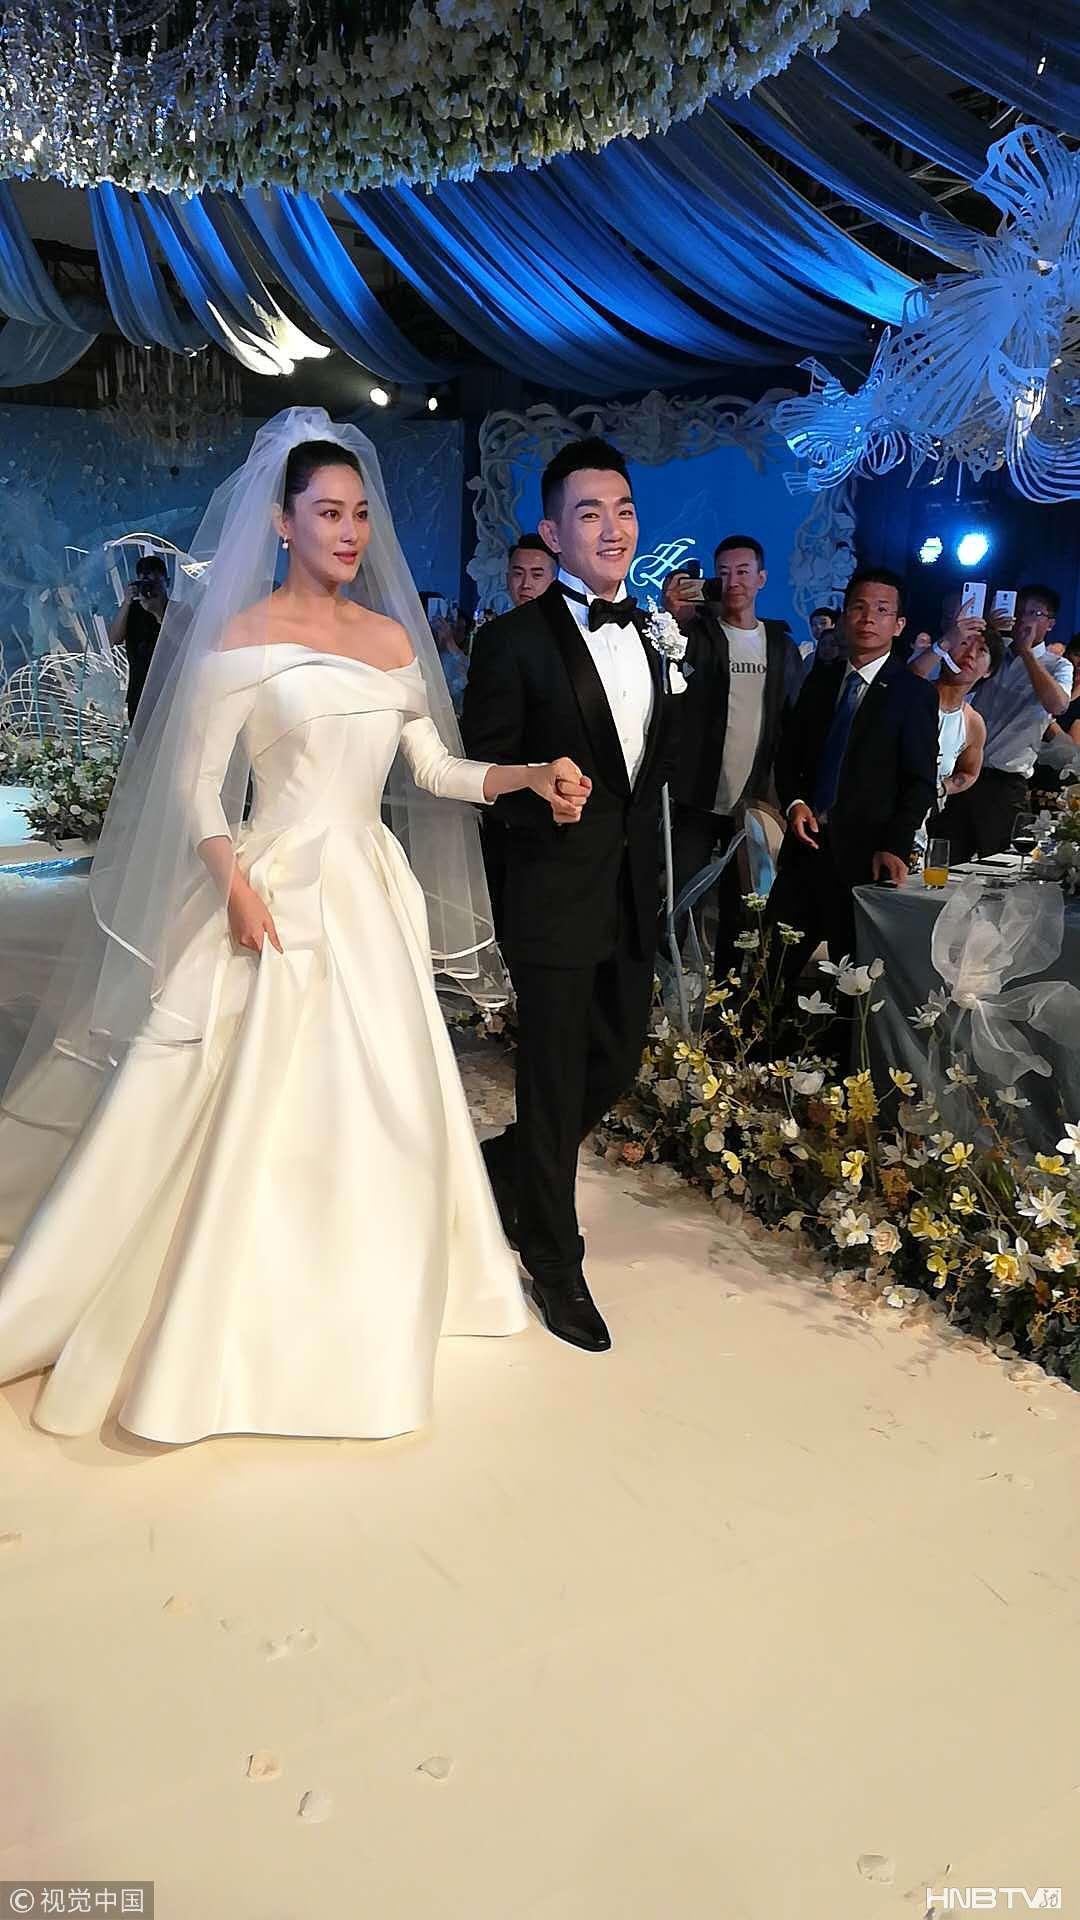 张馨予、何捷婚礼:新娘穿白婚纱一脸幸福 获军人新郎搀扶入场